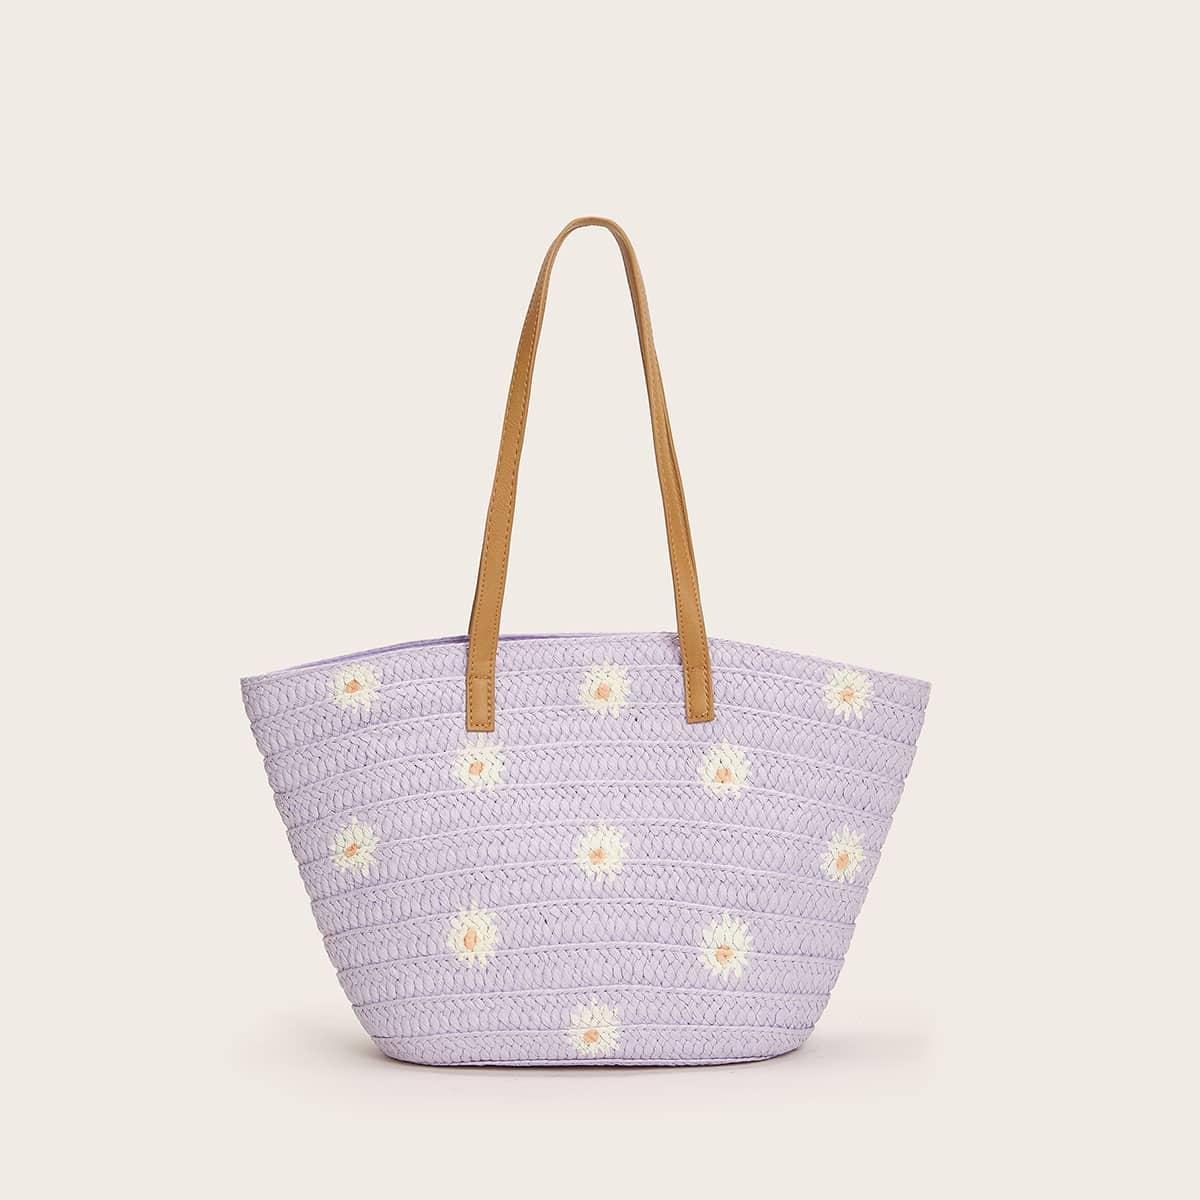 Соломенная сумка-тоут с цветочным рисунком